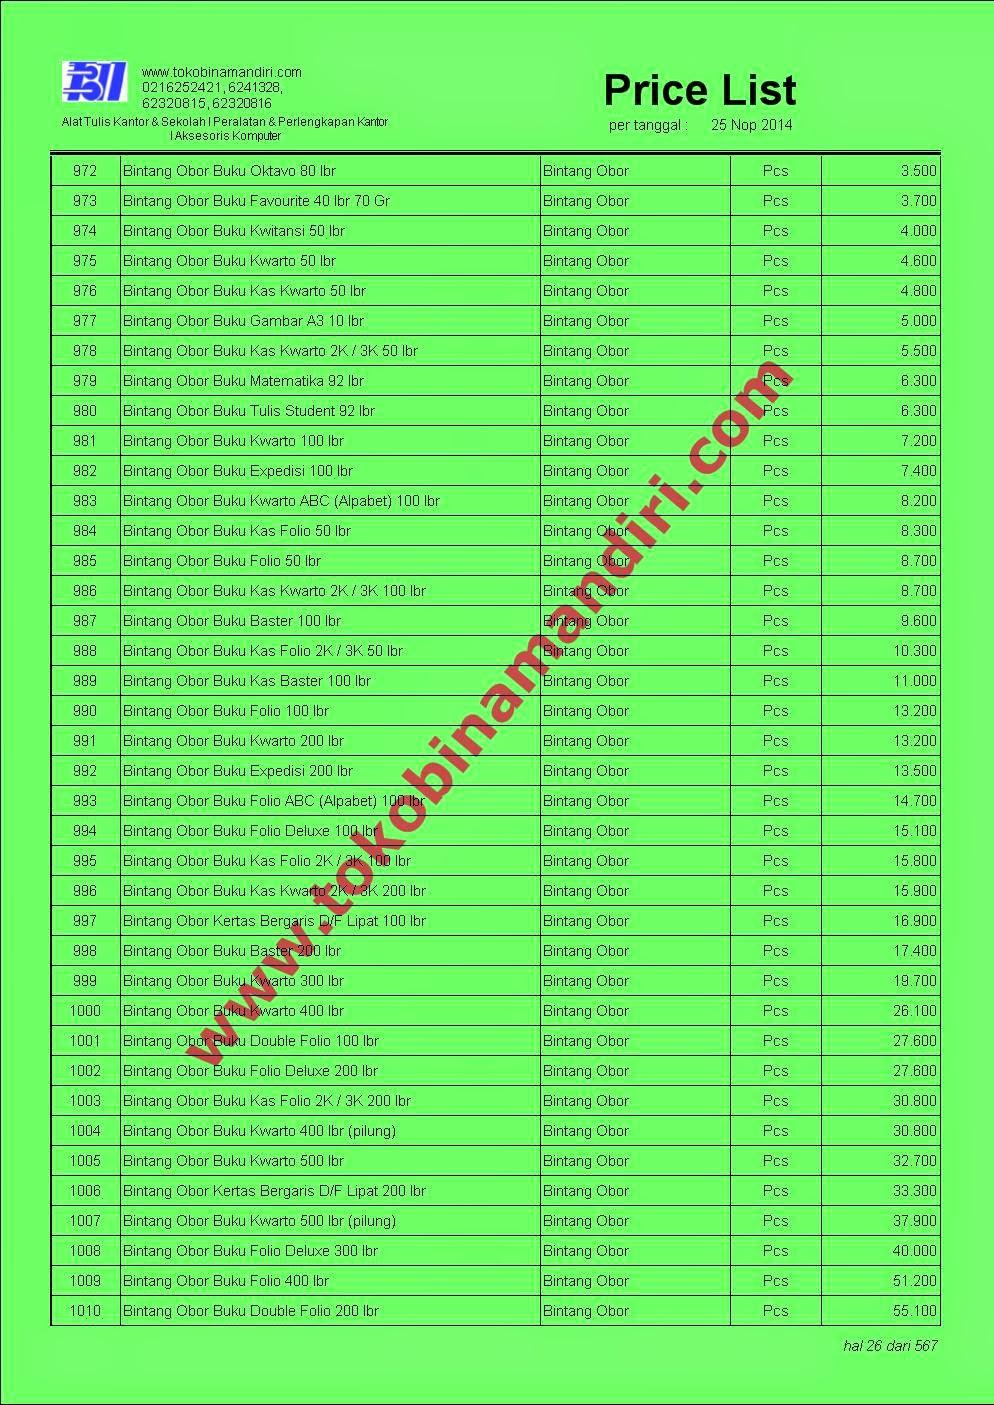 daftar harga perlengkapan sekolah | CV. Bina Mandiri - toko alat tulis kantor agen perlengkapan sekolah